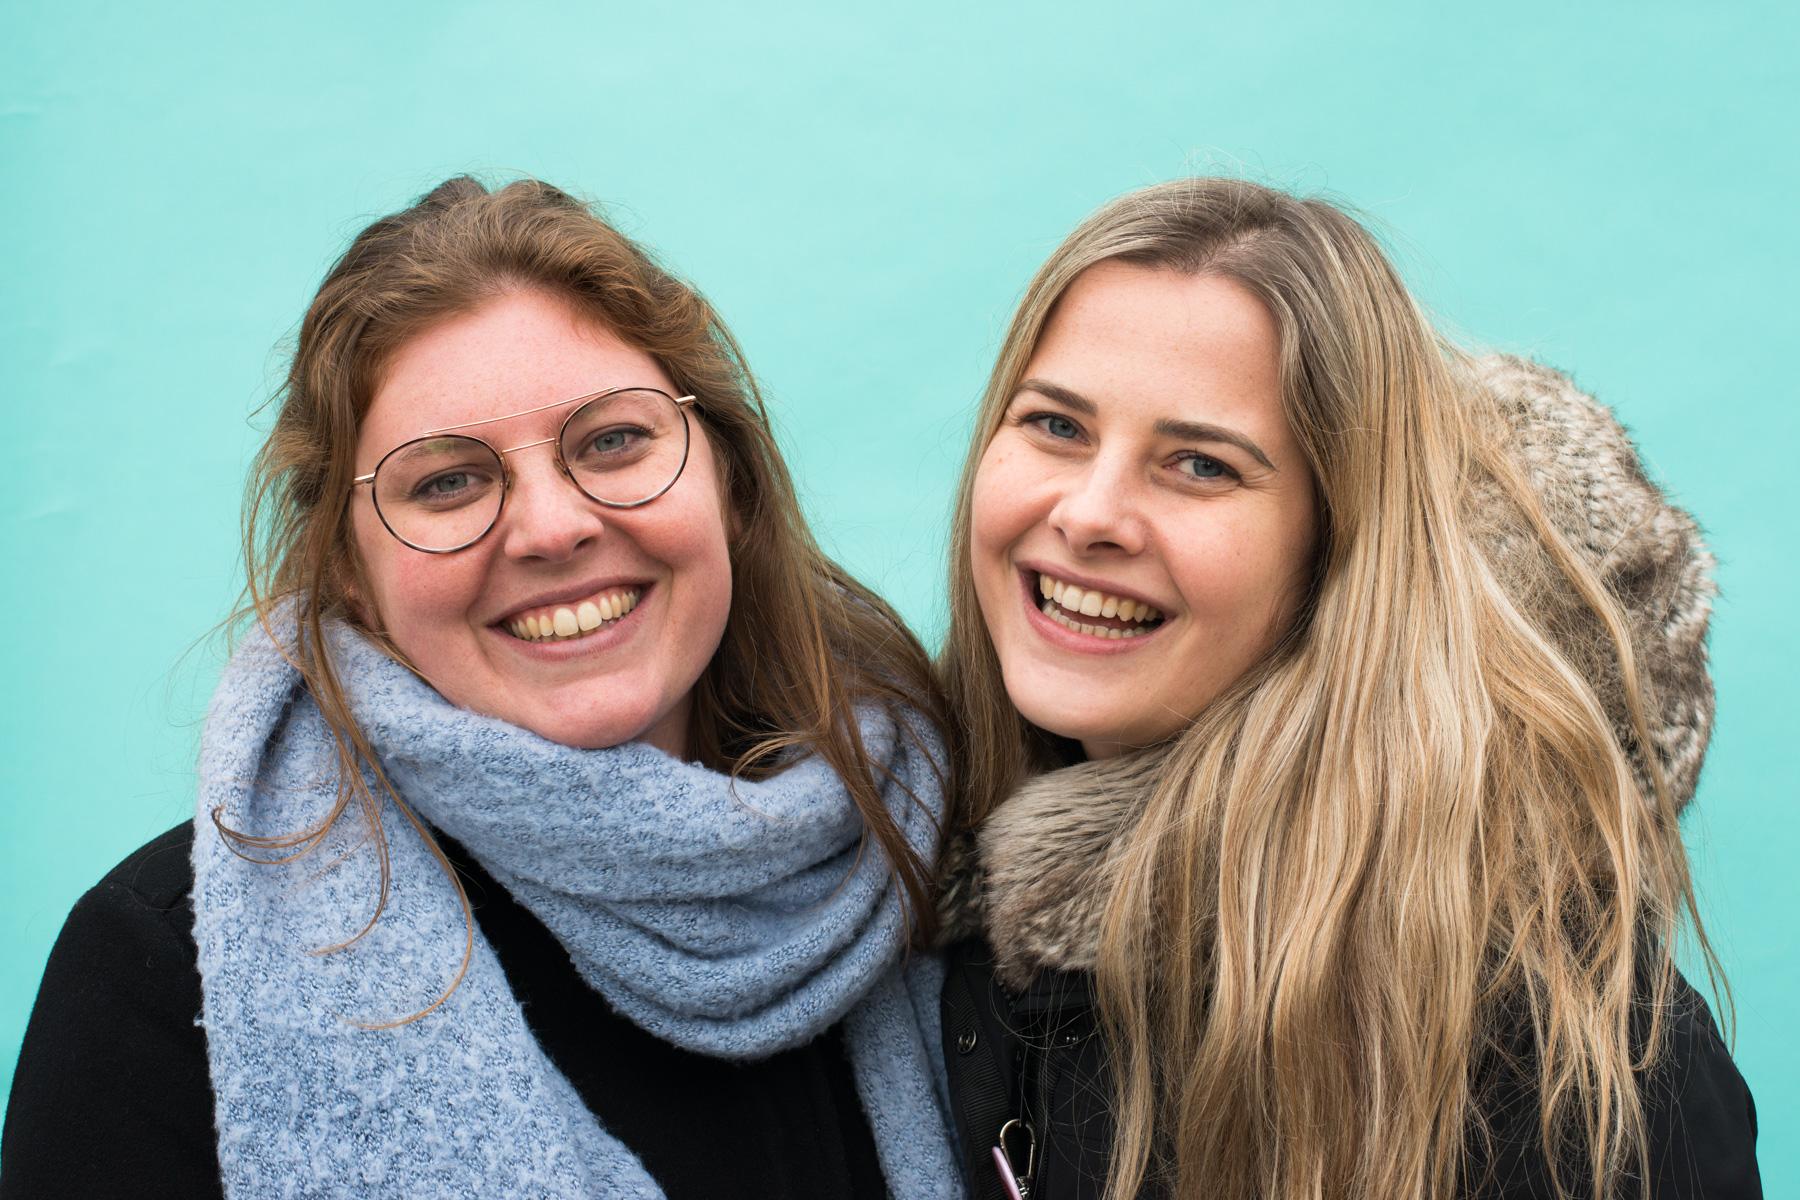 Kopie van 36 Gemma en Joelle.jpg